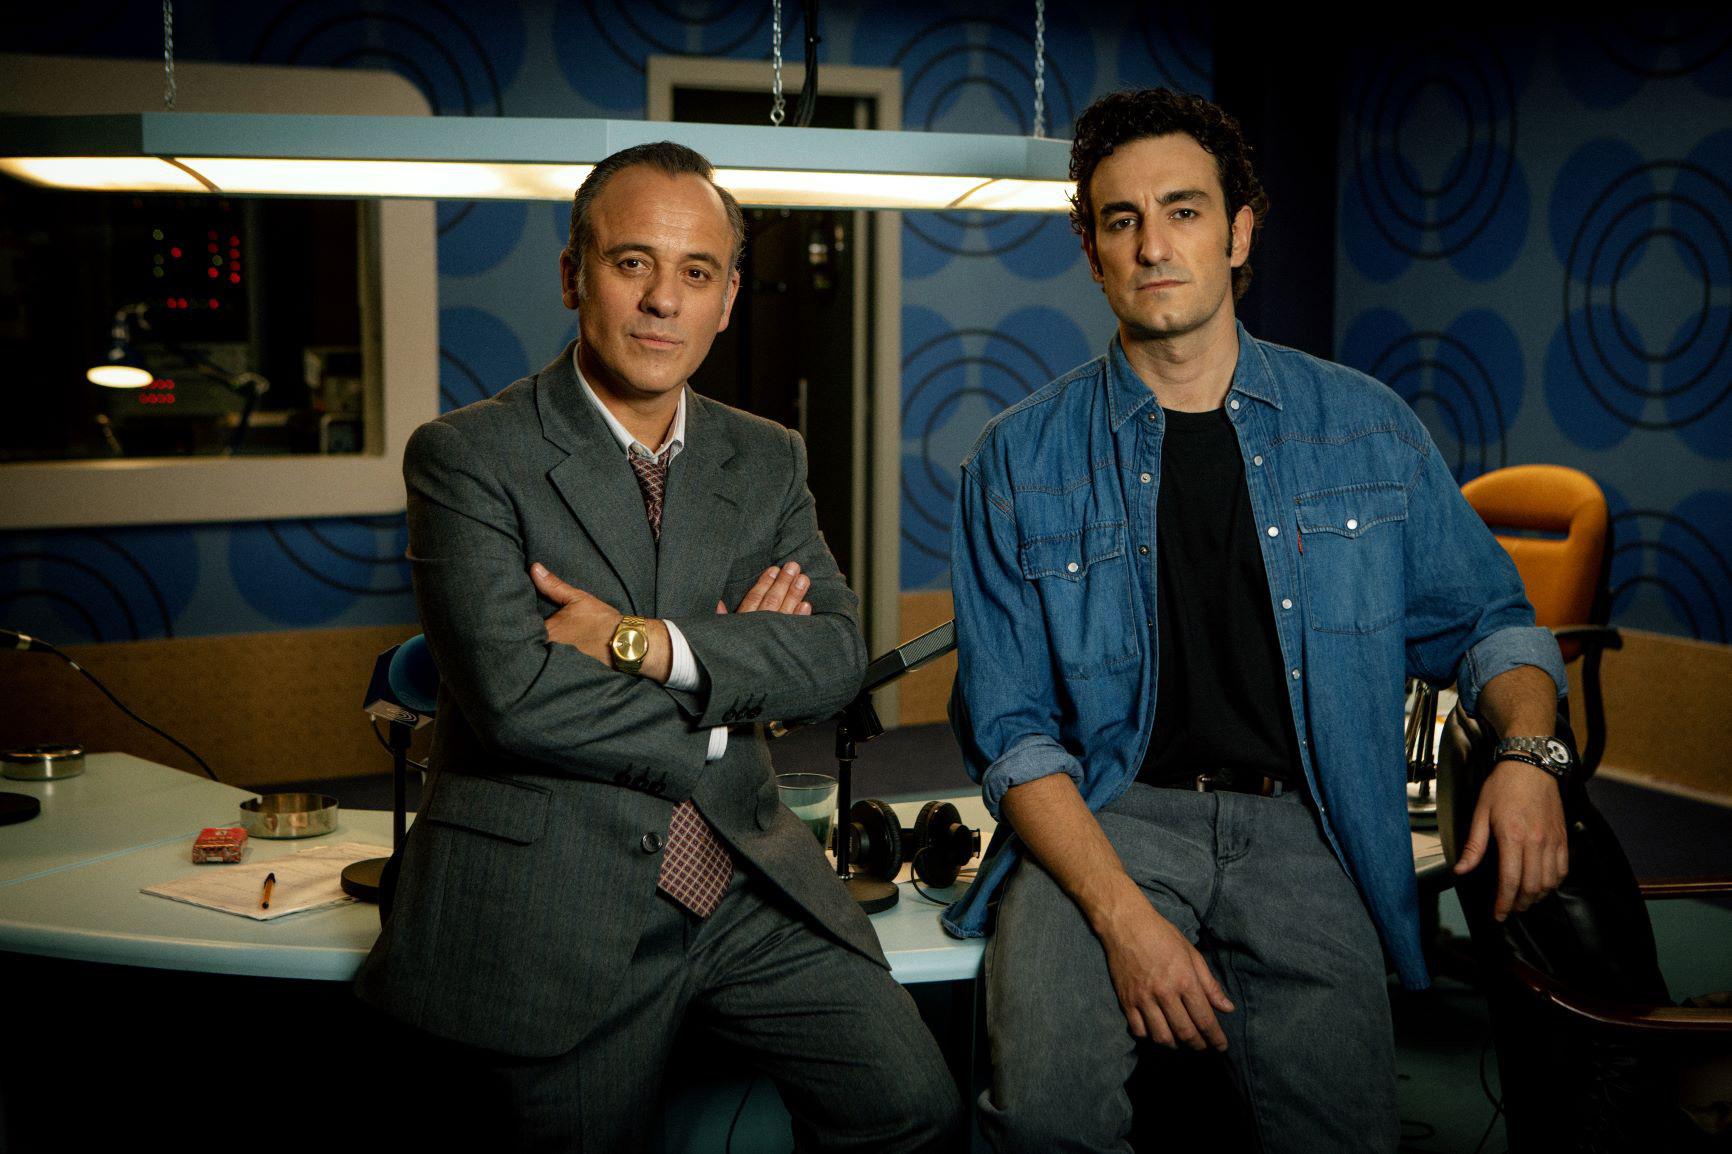 Javier Gutiérrez y Miki Esparbé protagonizan Reyes de la Noche, la nueva serie de Movistar+